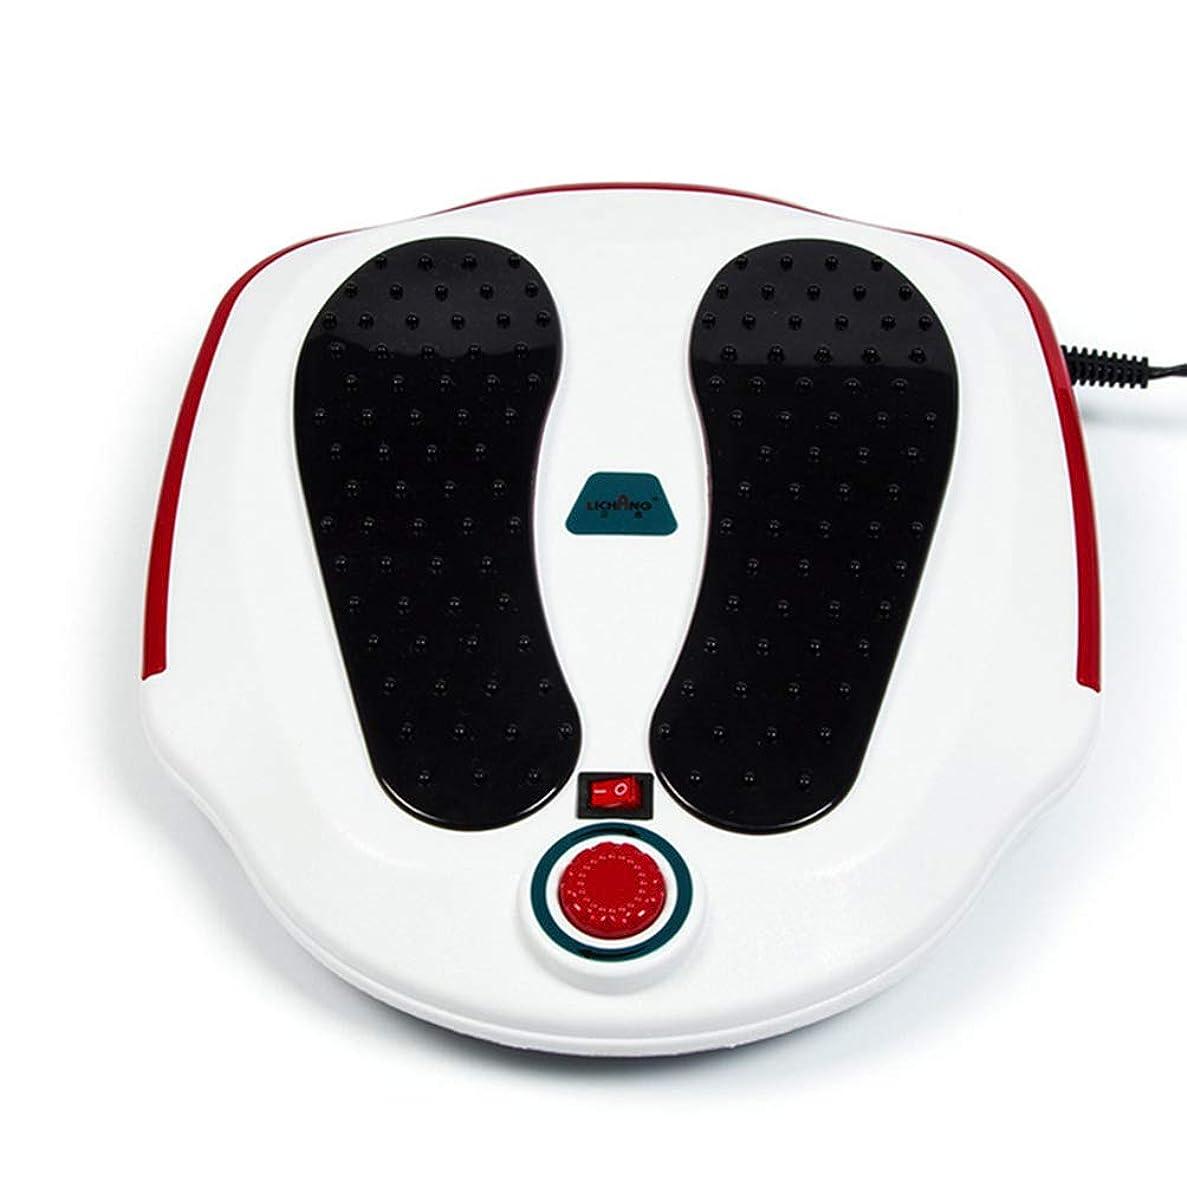 能力リテラシー適合するフットマッサージャー、フルフットマッサージエクスペリエンス用ABS素材、循環系の改善、硬い筋肉の柔らかさ、痛みの緩和治療。